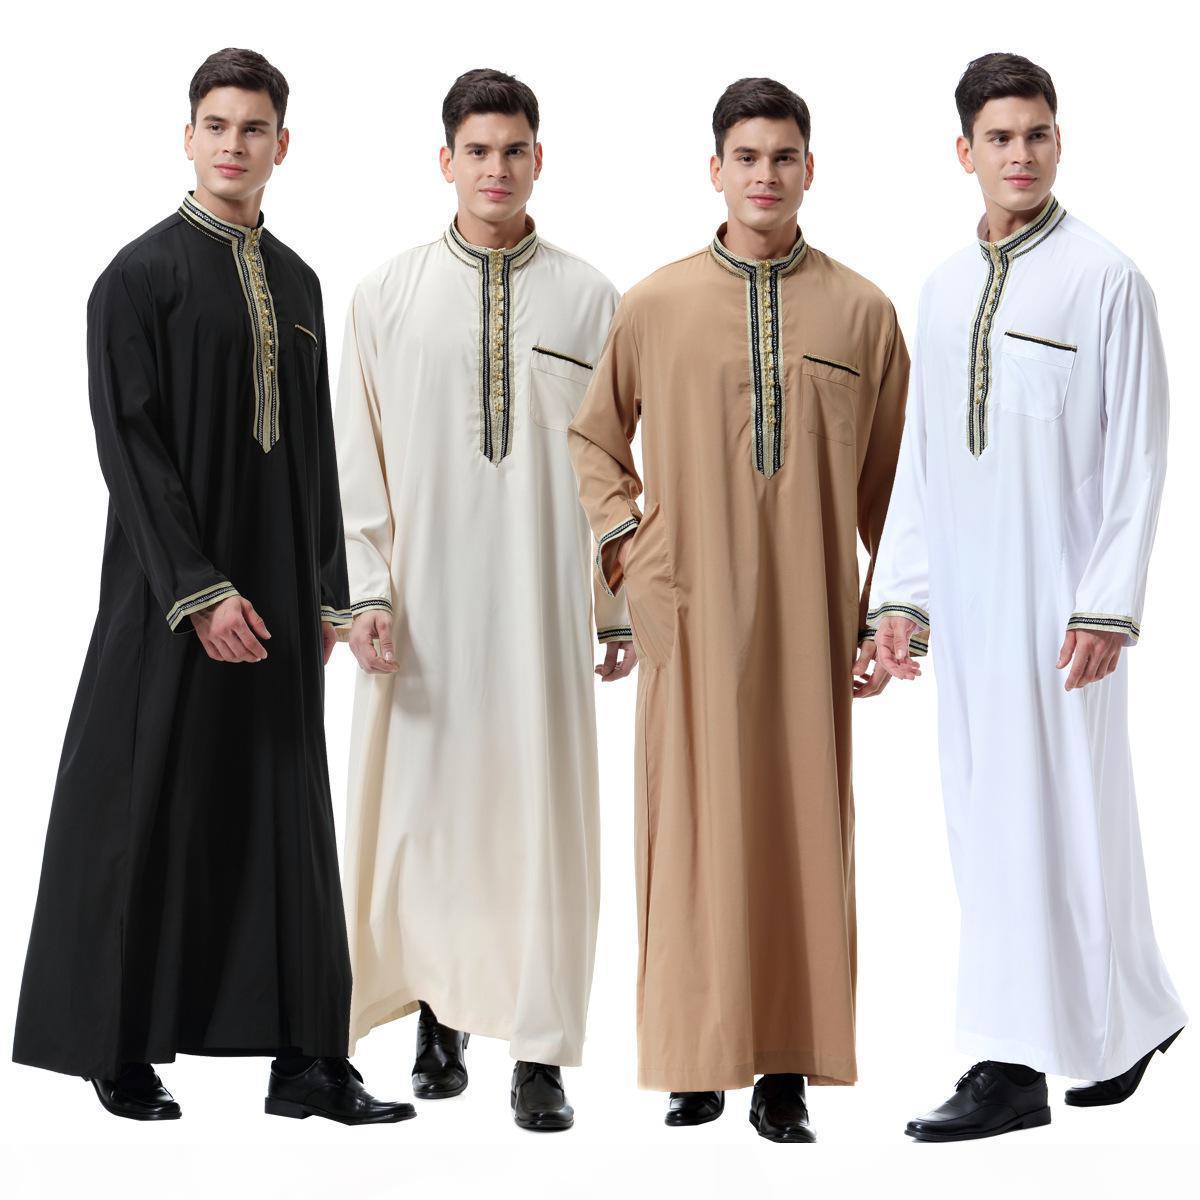 Compre Muslim Men Abaya Gola Turco Caftan Applique Robes Islamica Vestuario Dubai Medio Oriente Homem Arabe Dk739mz Wear De Shihao70 153 52 Pt Dhgate Com